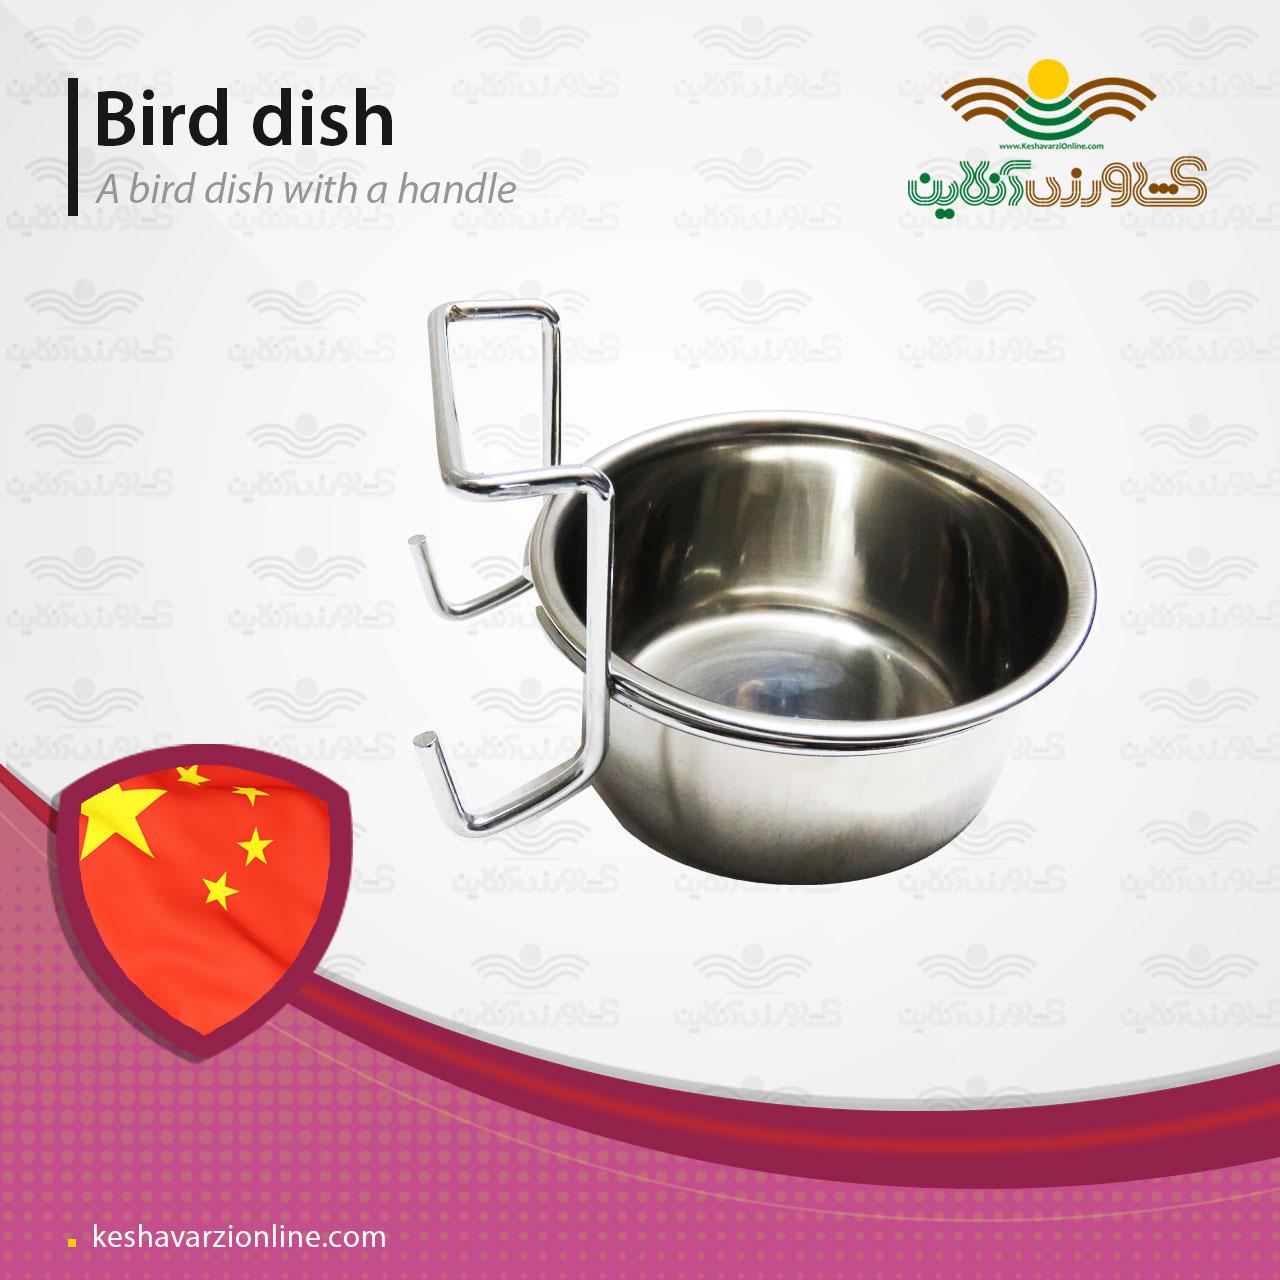 ظرف غذای پرنده با دستگیره